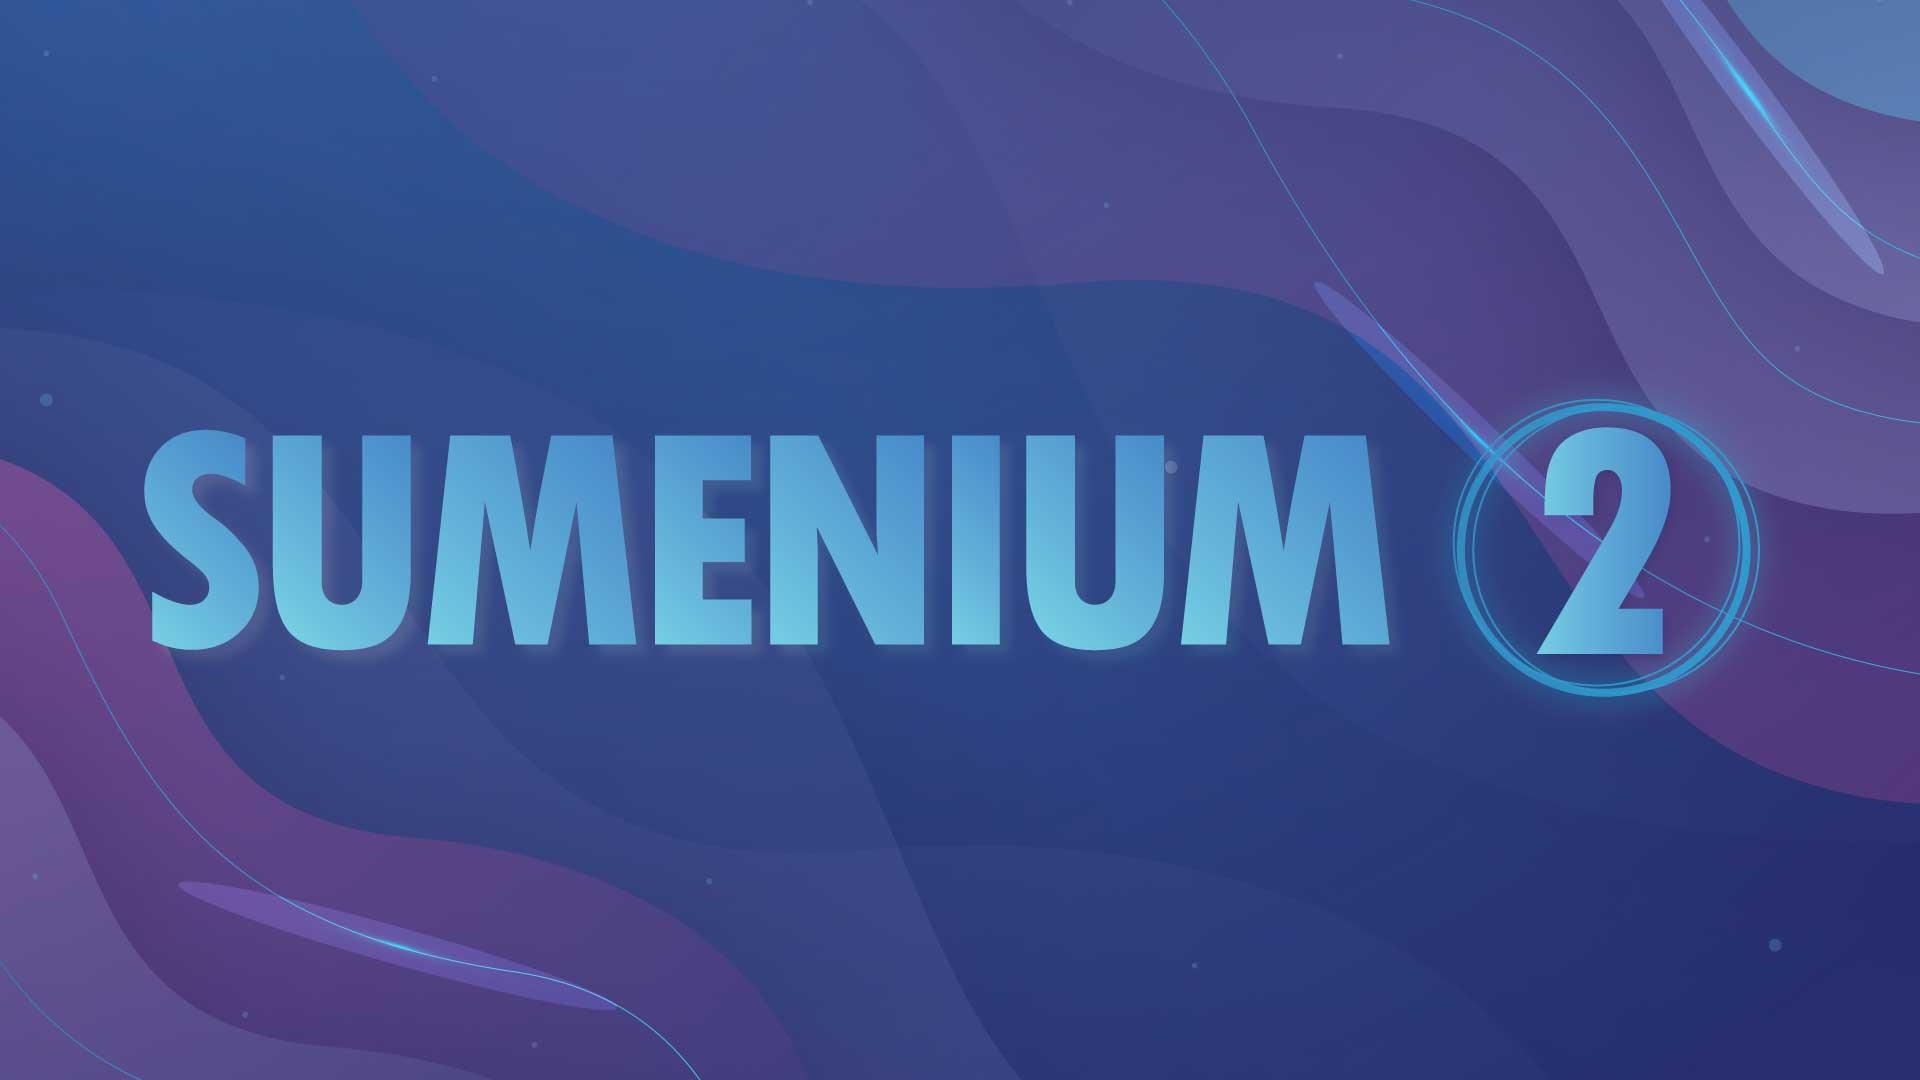 Bannière-sumenium.jpg